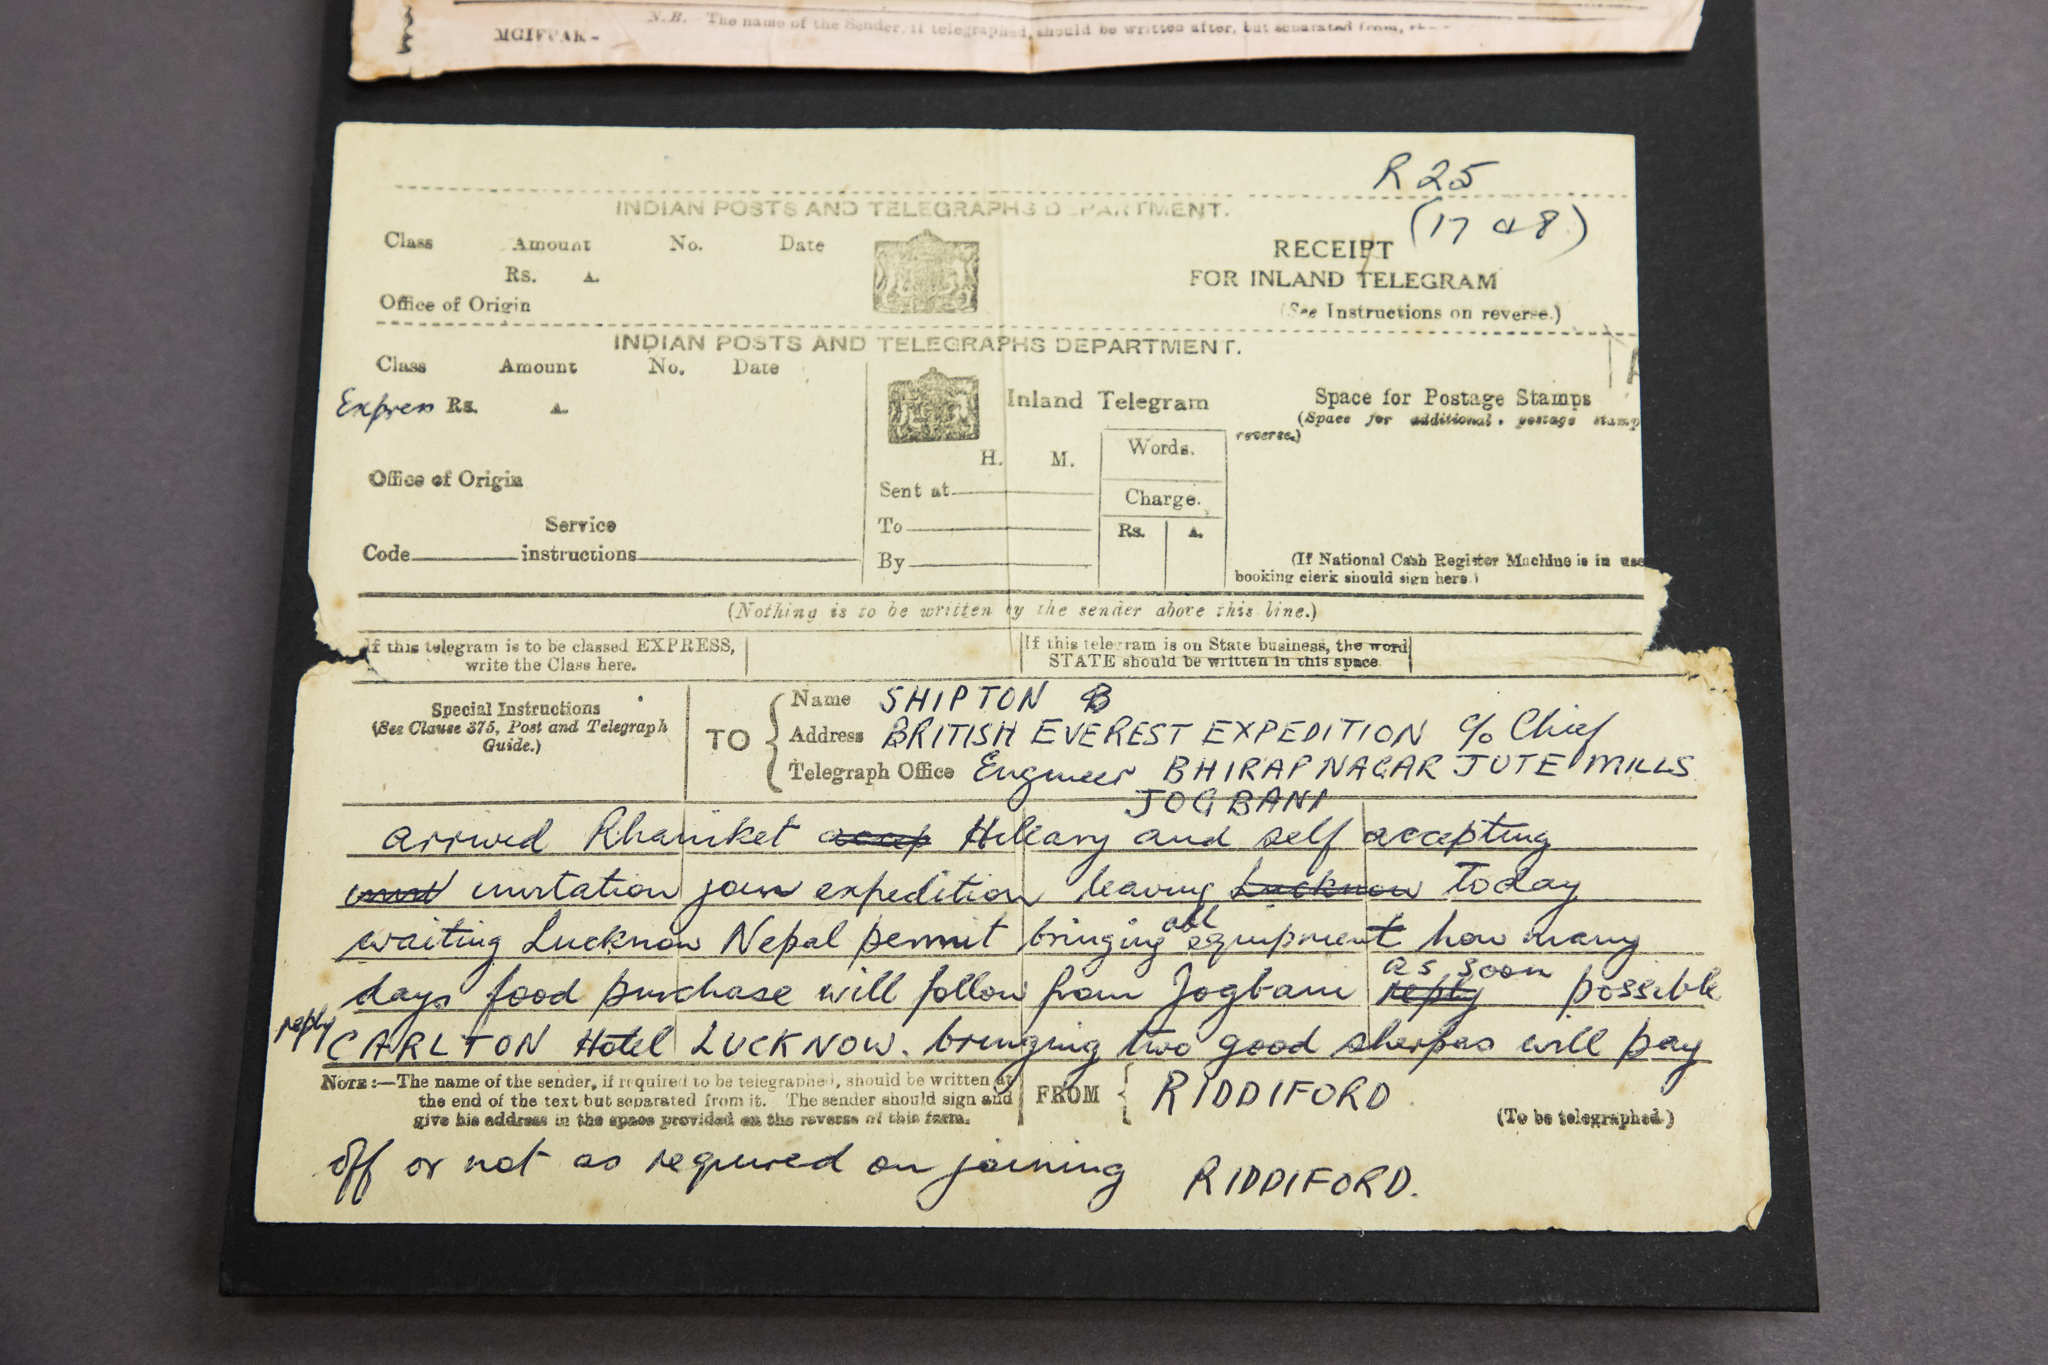 A telegram with a handwritten message.